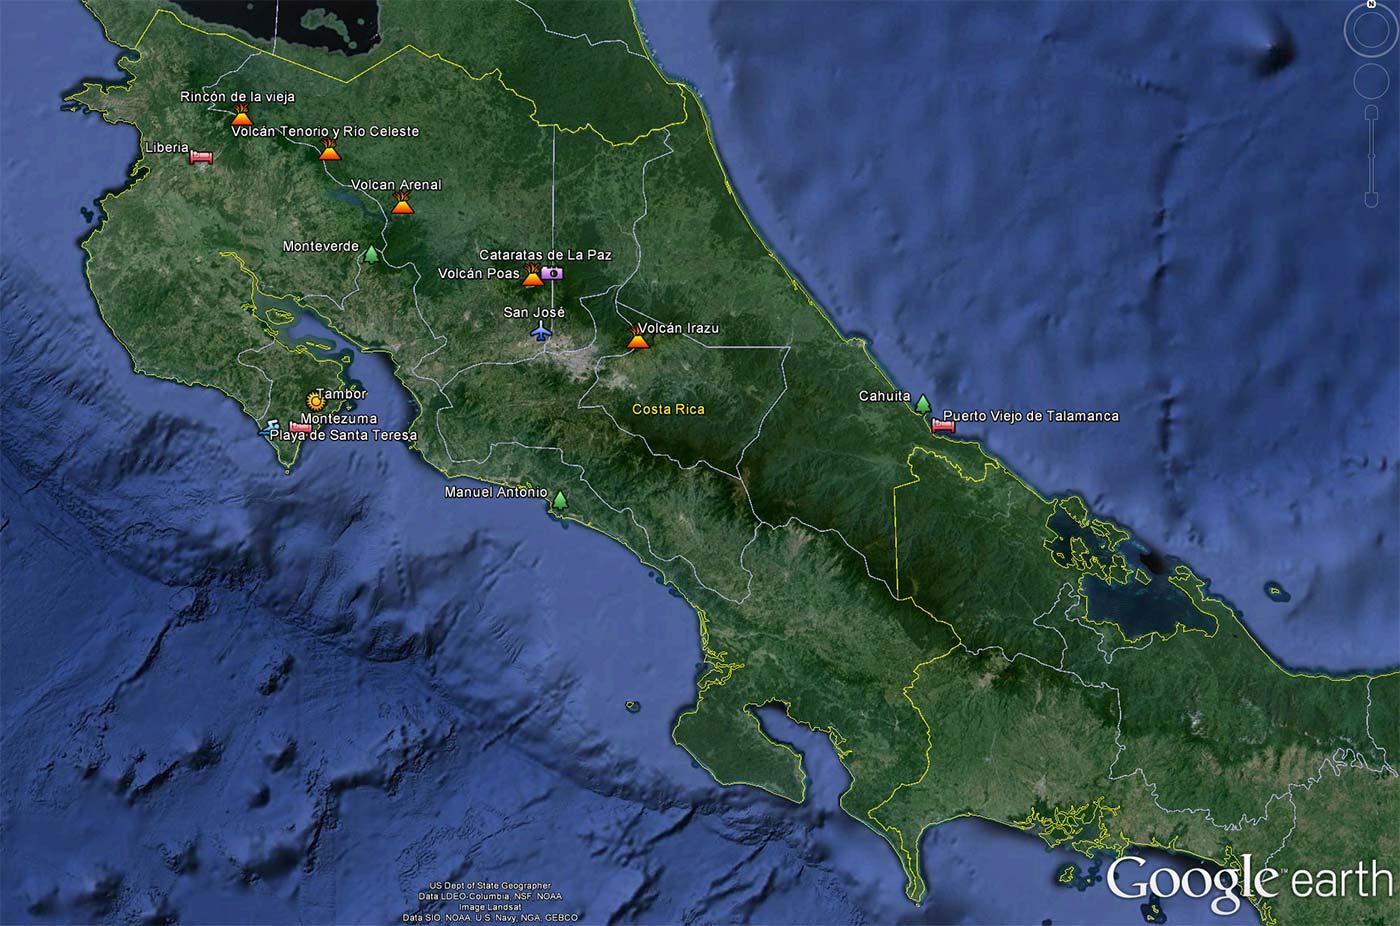 Lugares que visité en mi viaje por Costa Rica